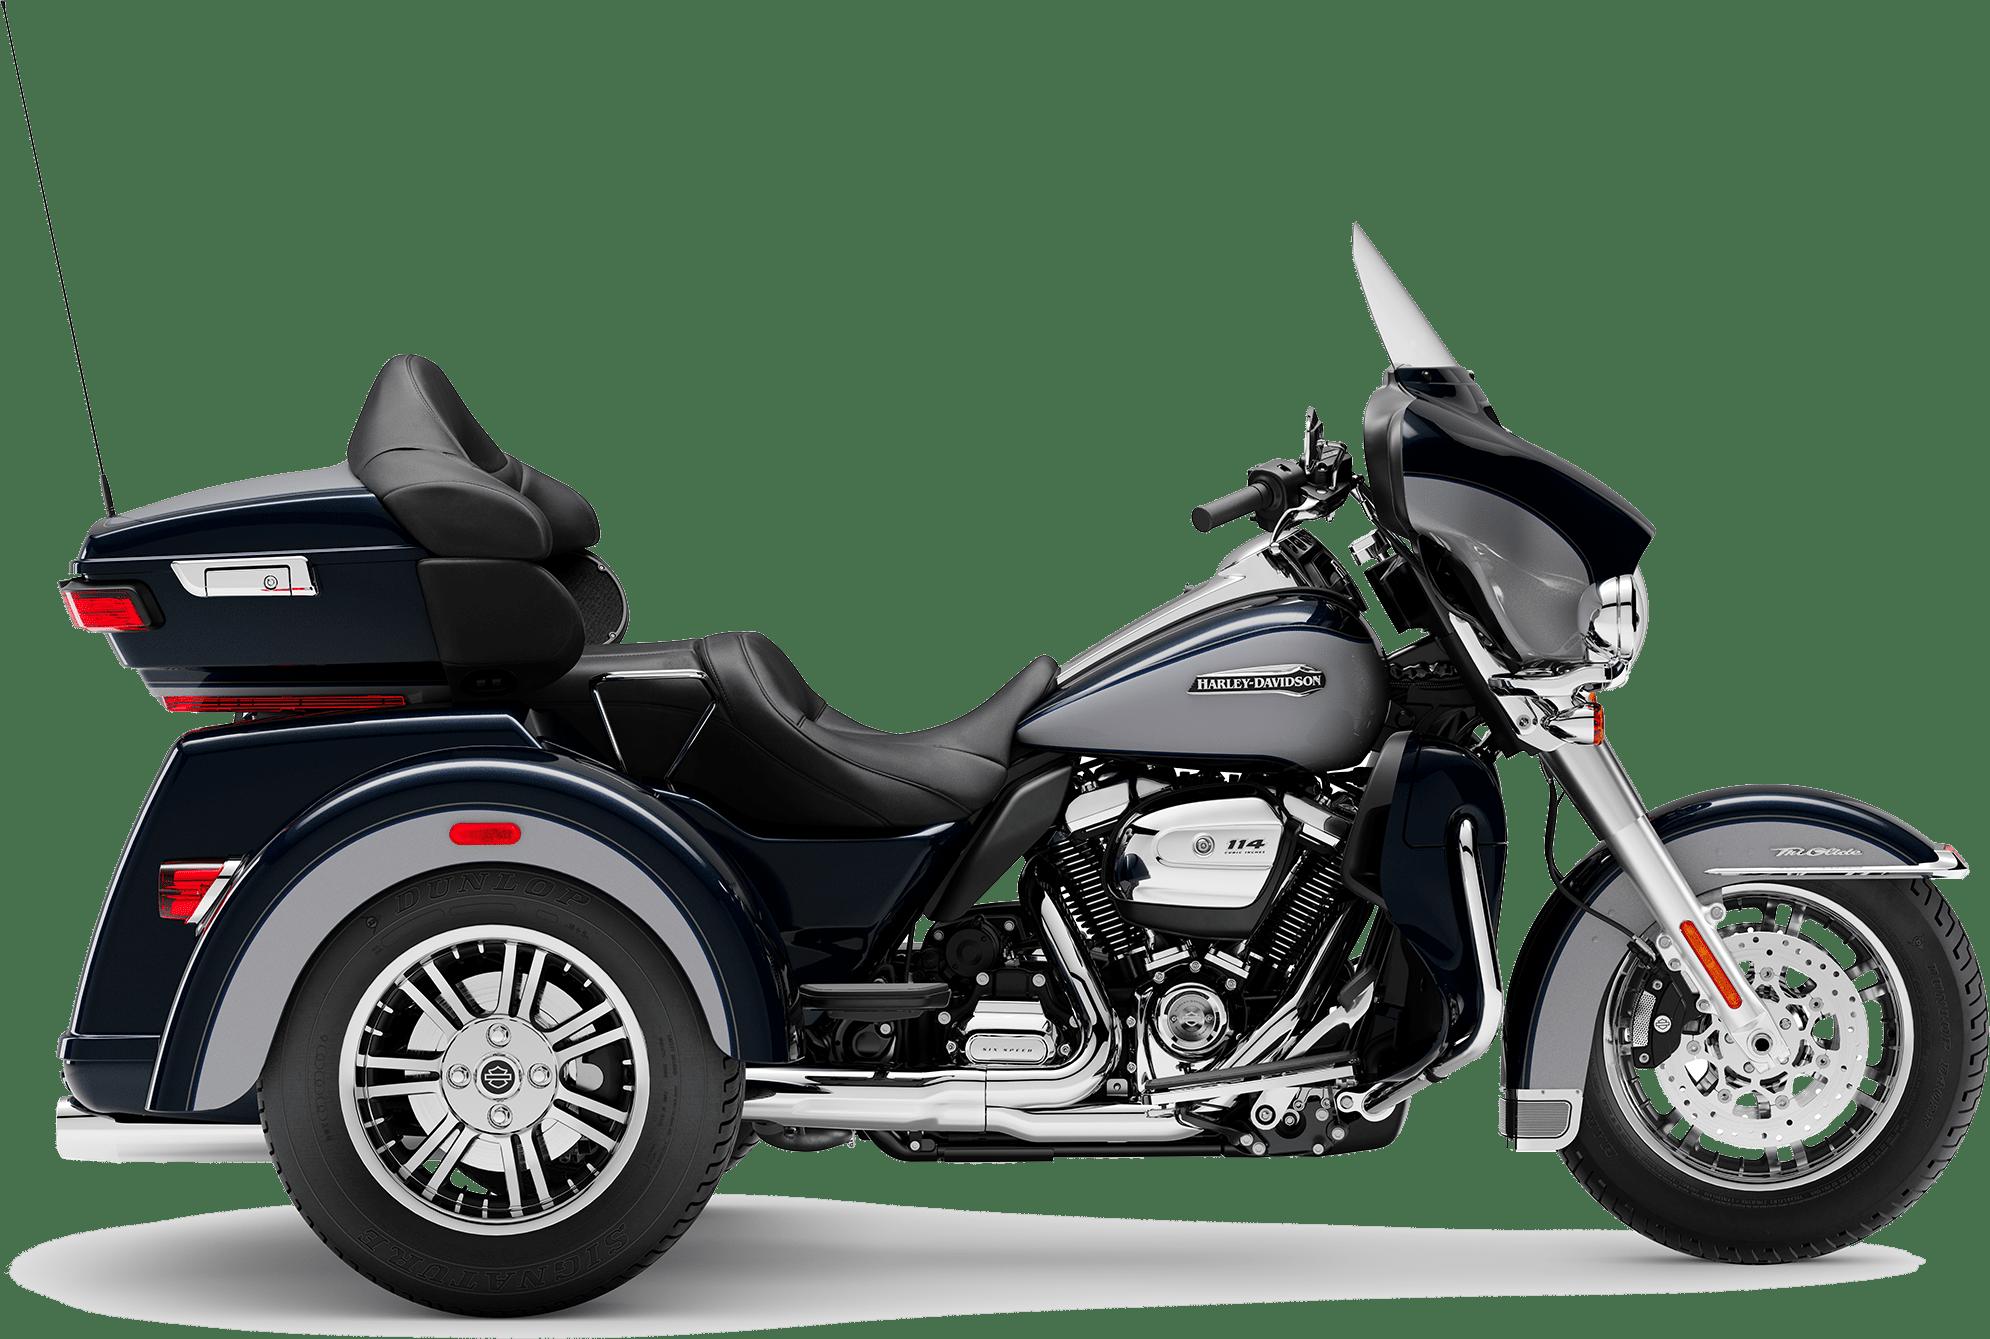 2019 Harley-Davidson Tri-Glide Midnight Blue